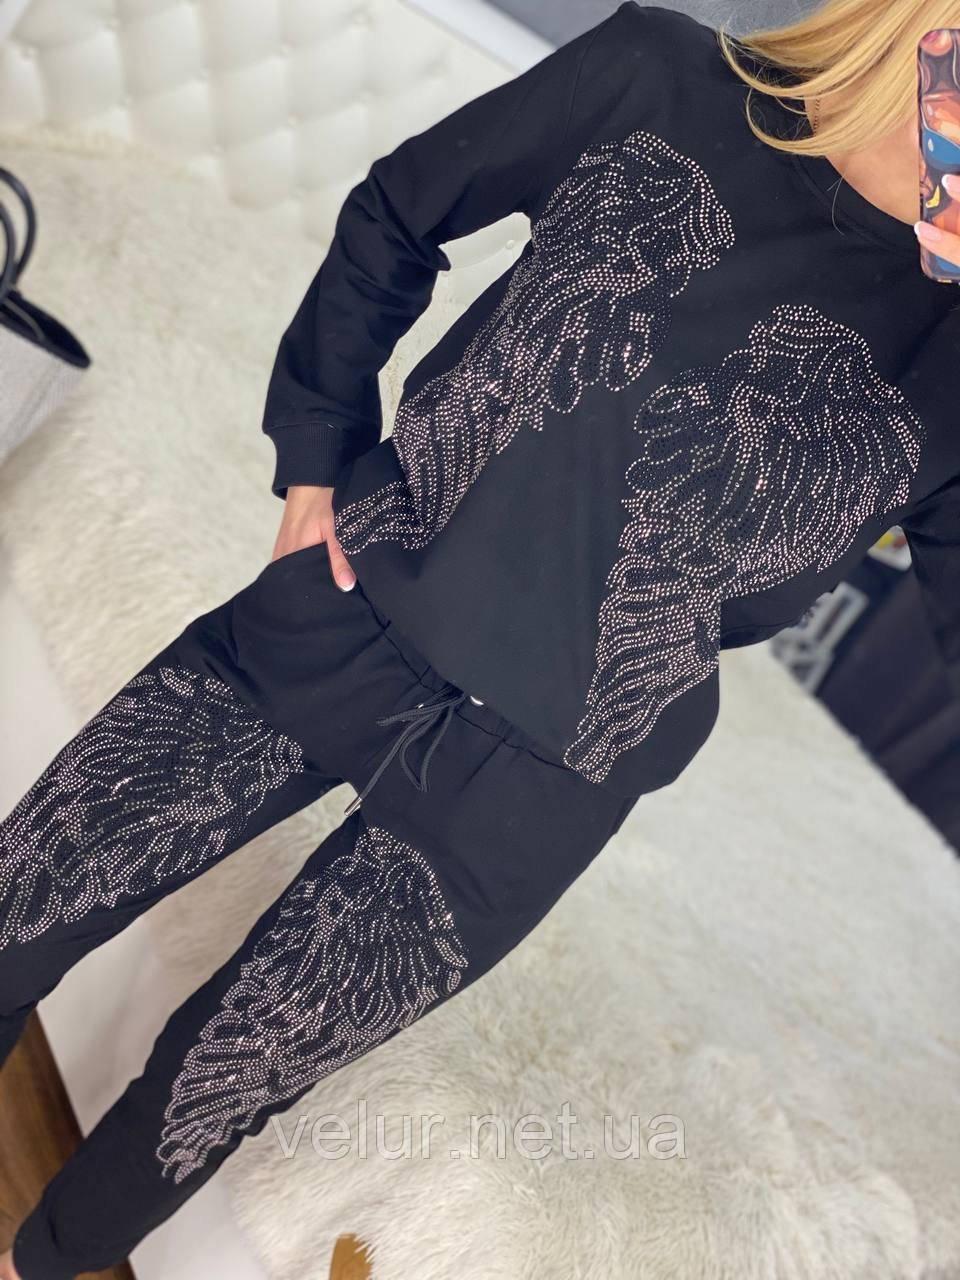 Женский летний  брендовый спортивный костюм (Турция); Размеры:44-46;46-48;48-50, 4 цвета